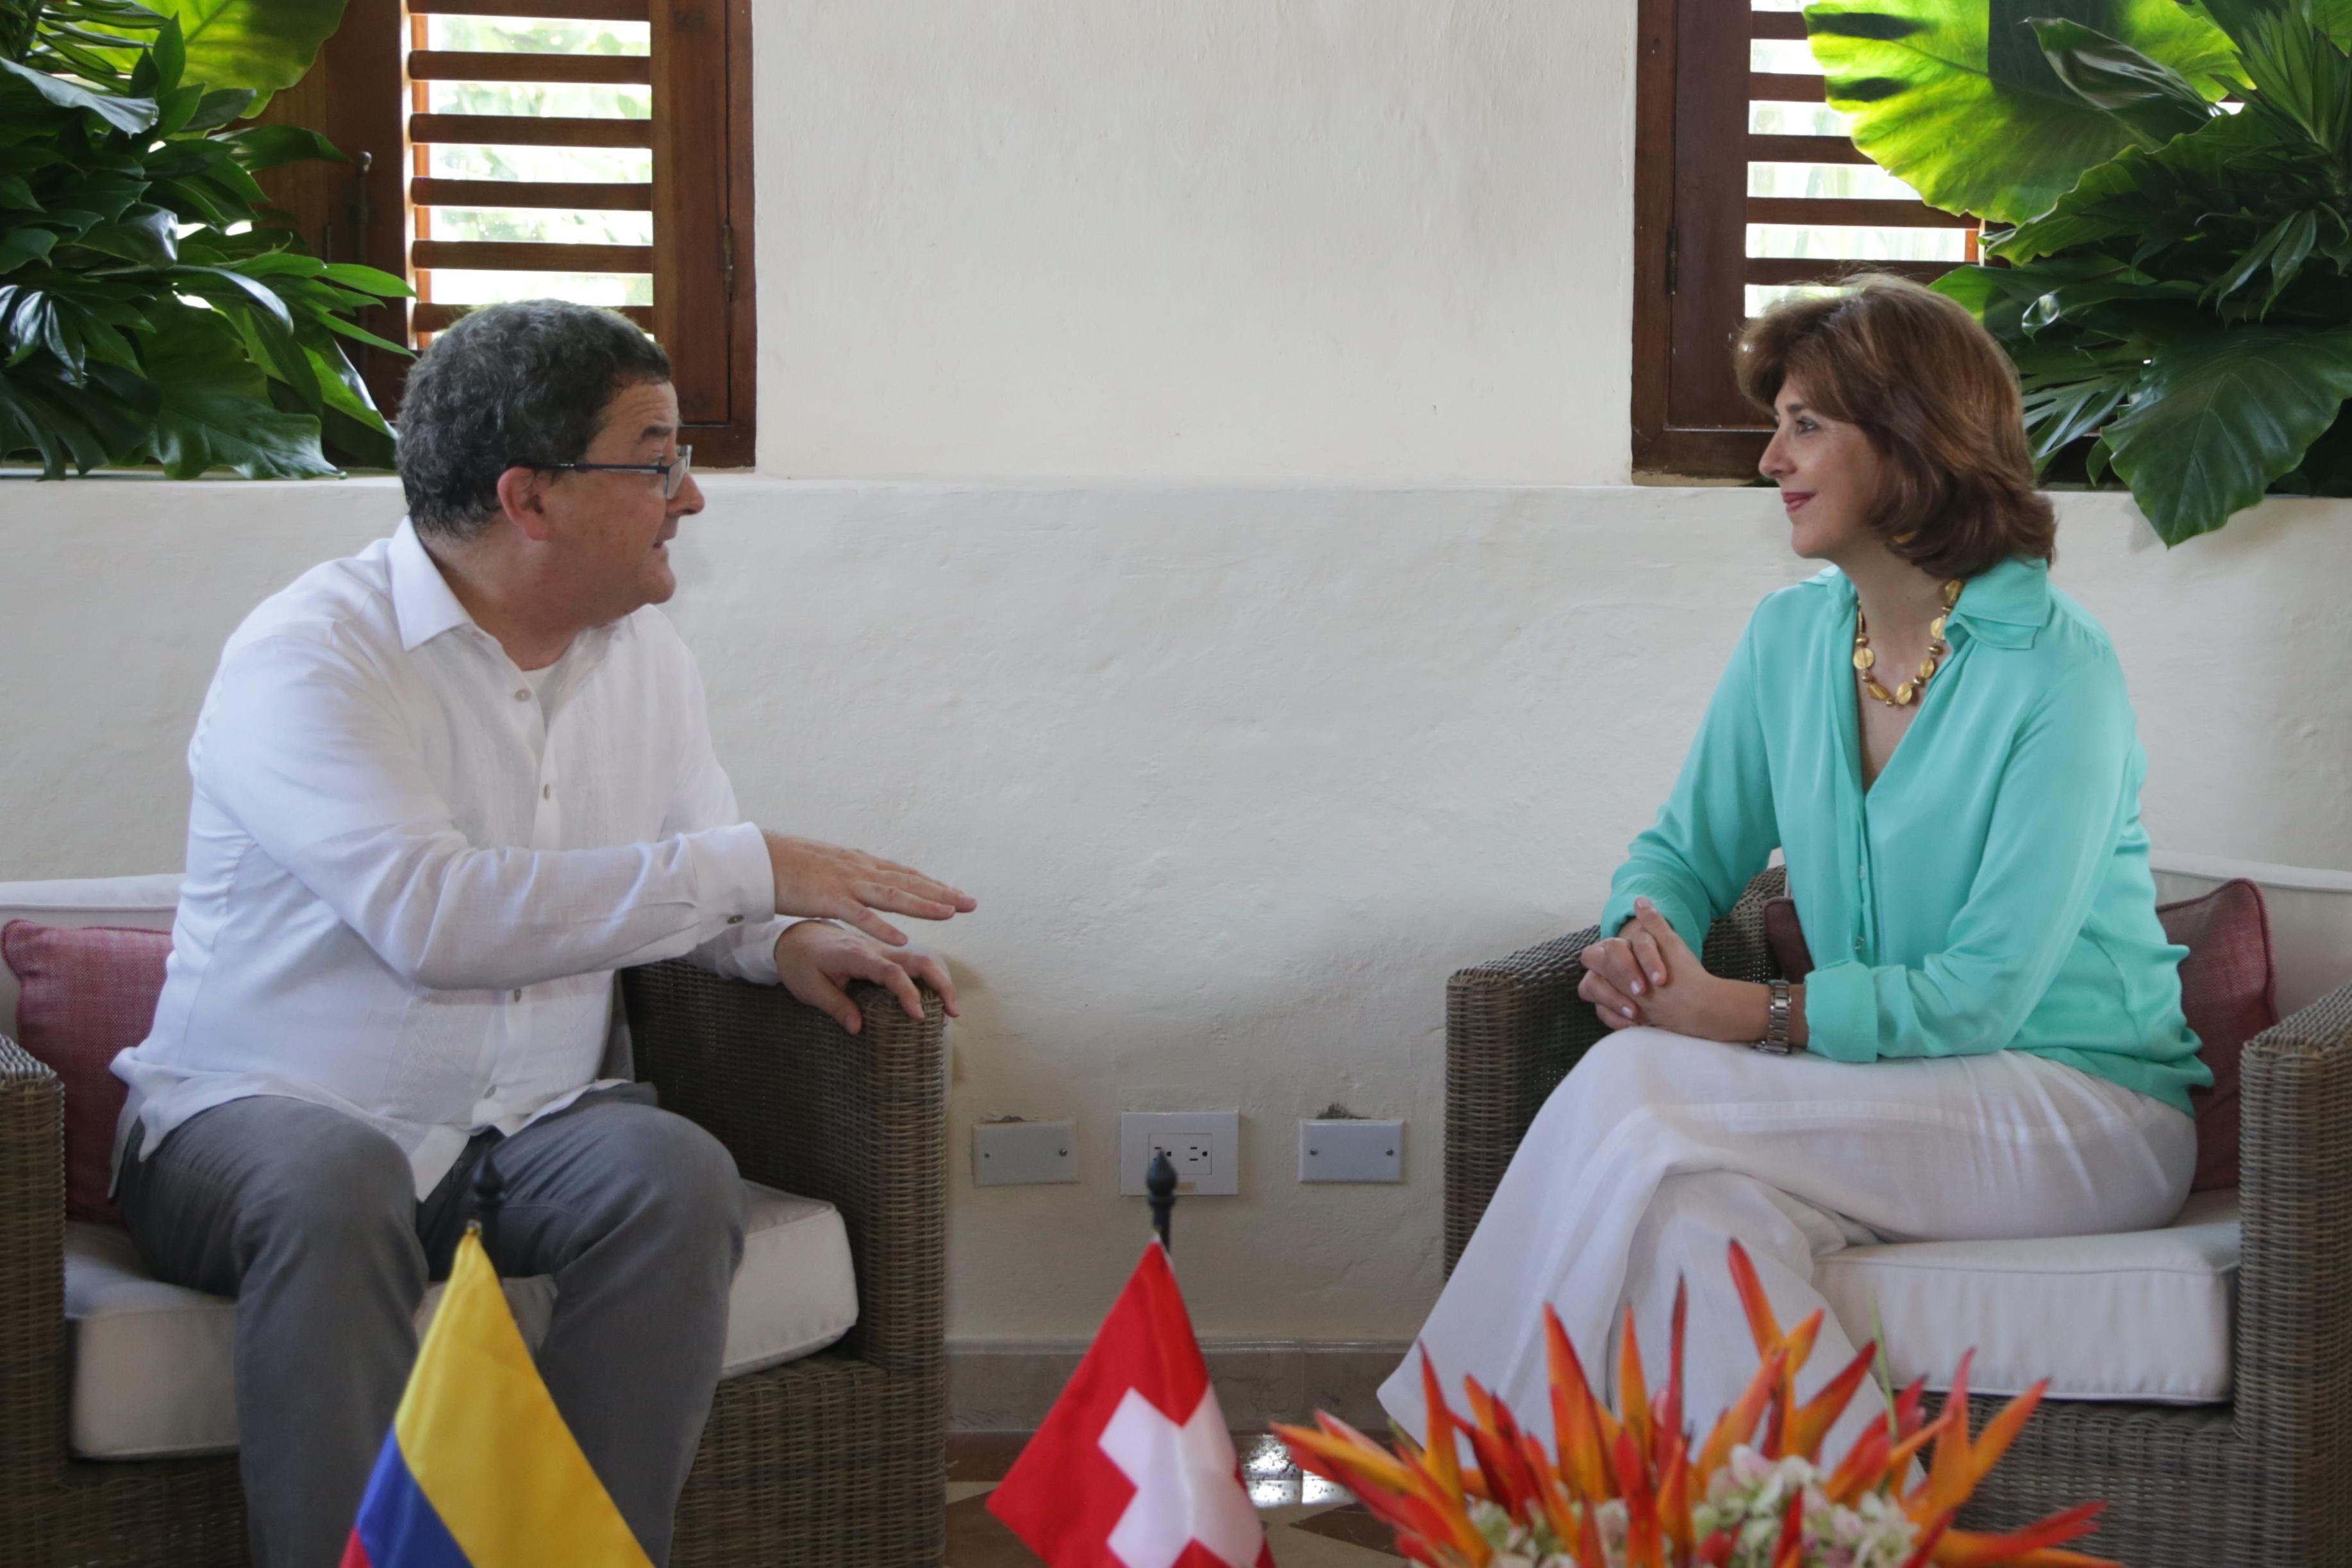 Canciller María Ángela Holguín, en Cartagena, continuó este martes 27 de septiembre, con una reunión con el Secretario de Estado del Departamento Federal de Asuntos Exteriores de Suiza, Yves Rossier.